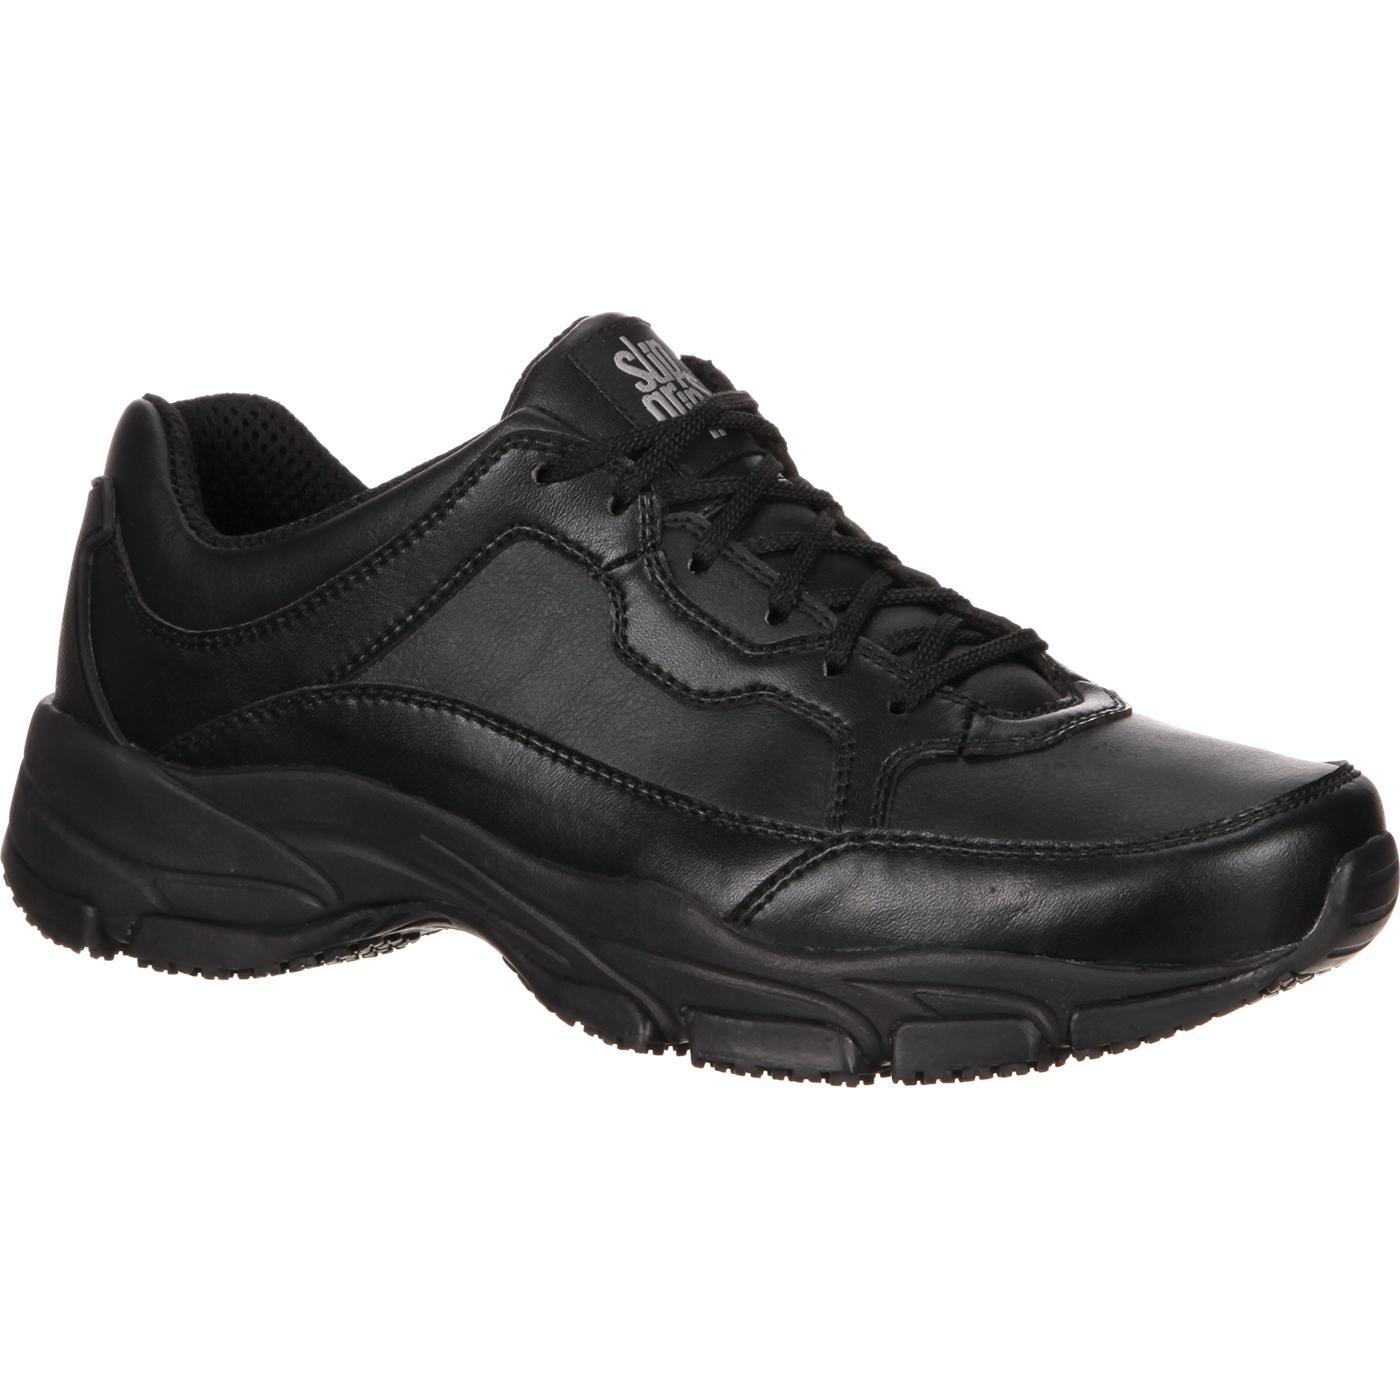 slipgrips unisex slip resistant athletic work shoe slgp001